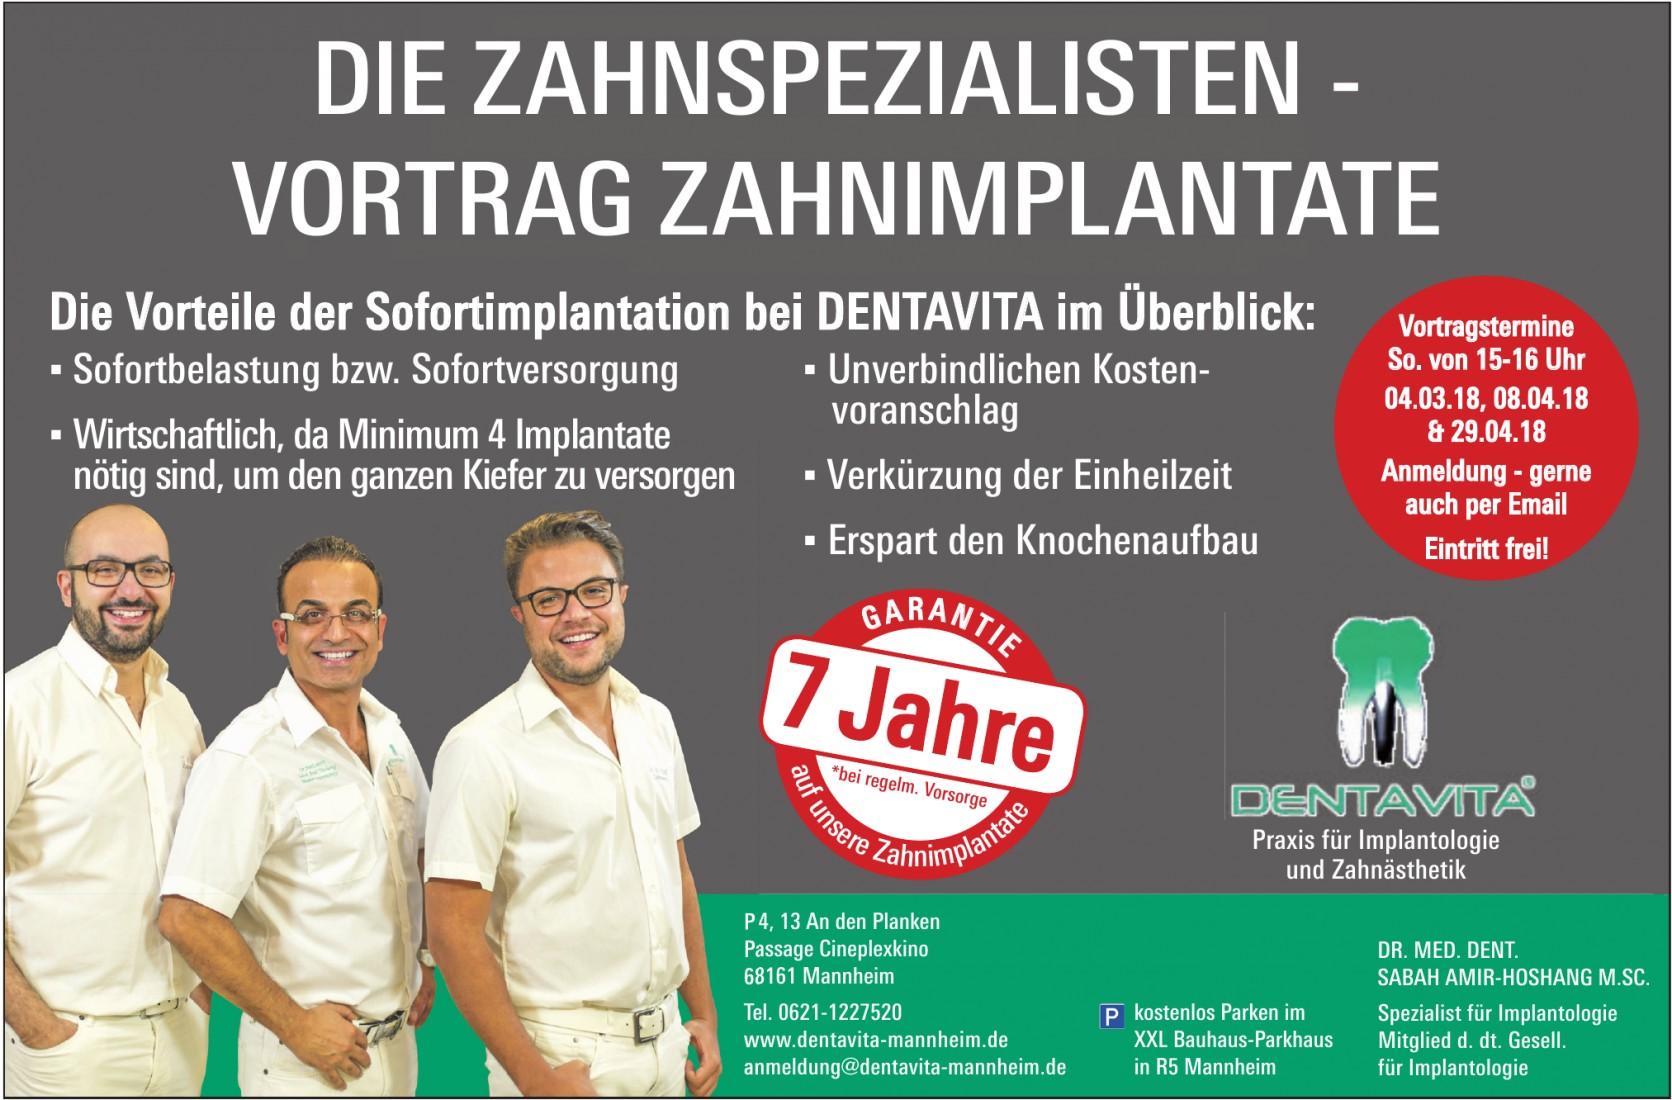 Dentavita Mannheim